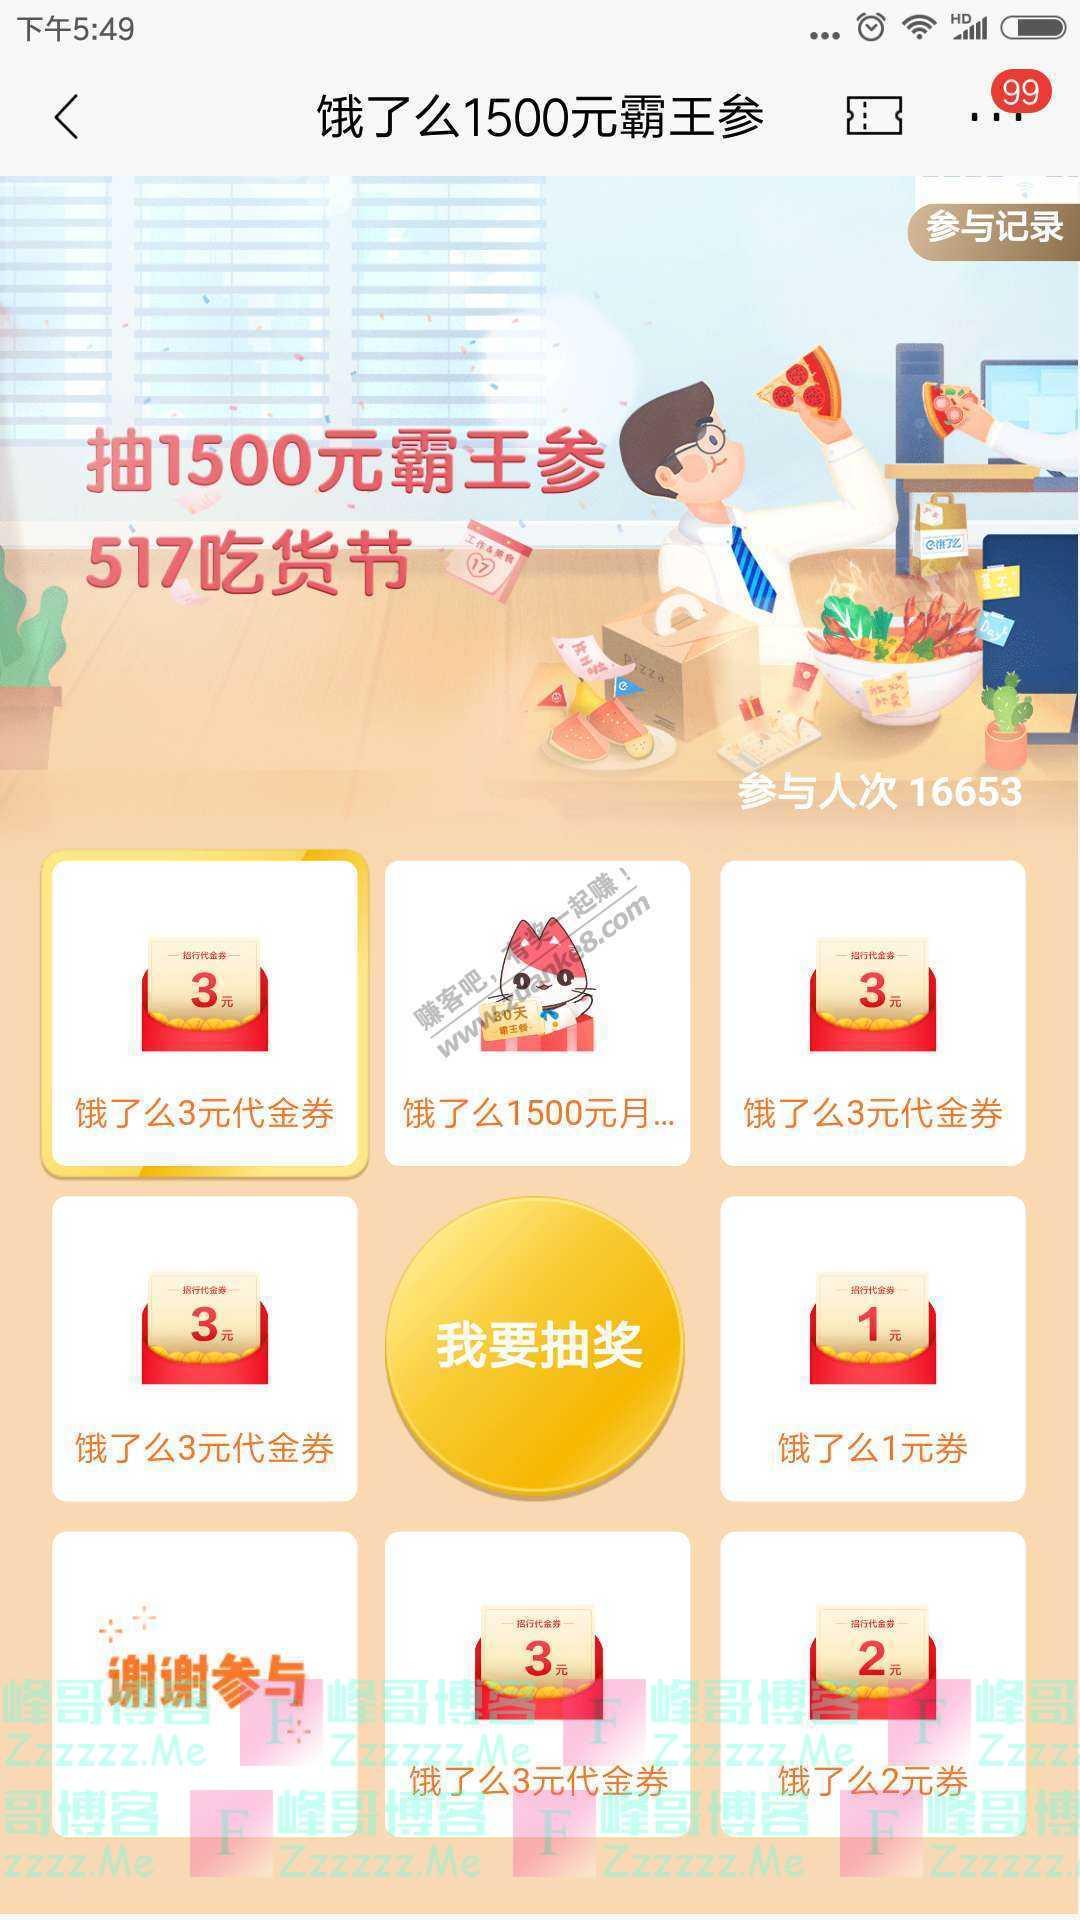 招行饿了么1500元霸王参(截止5月31日)